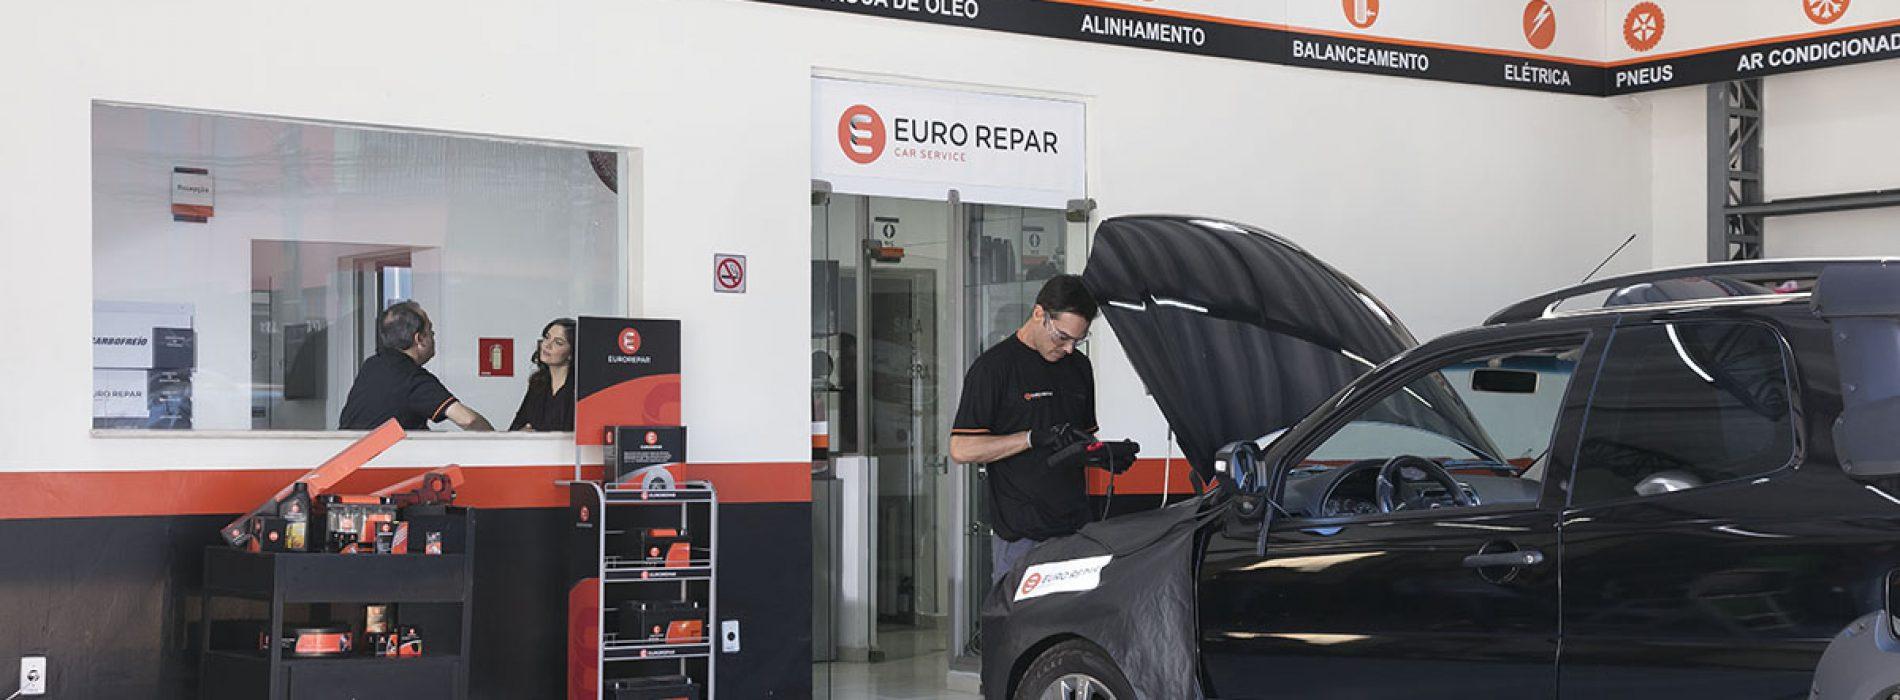 Rede de oficinas Euro Repar acelera crescimento no Brasil